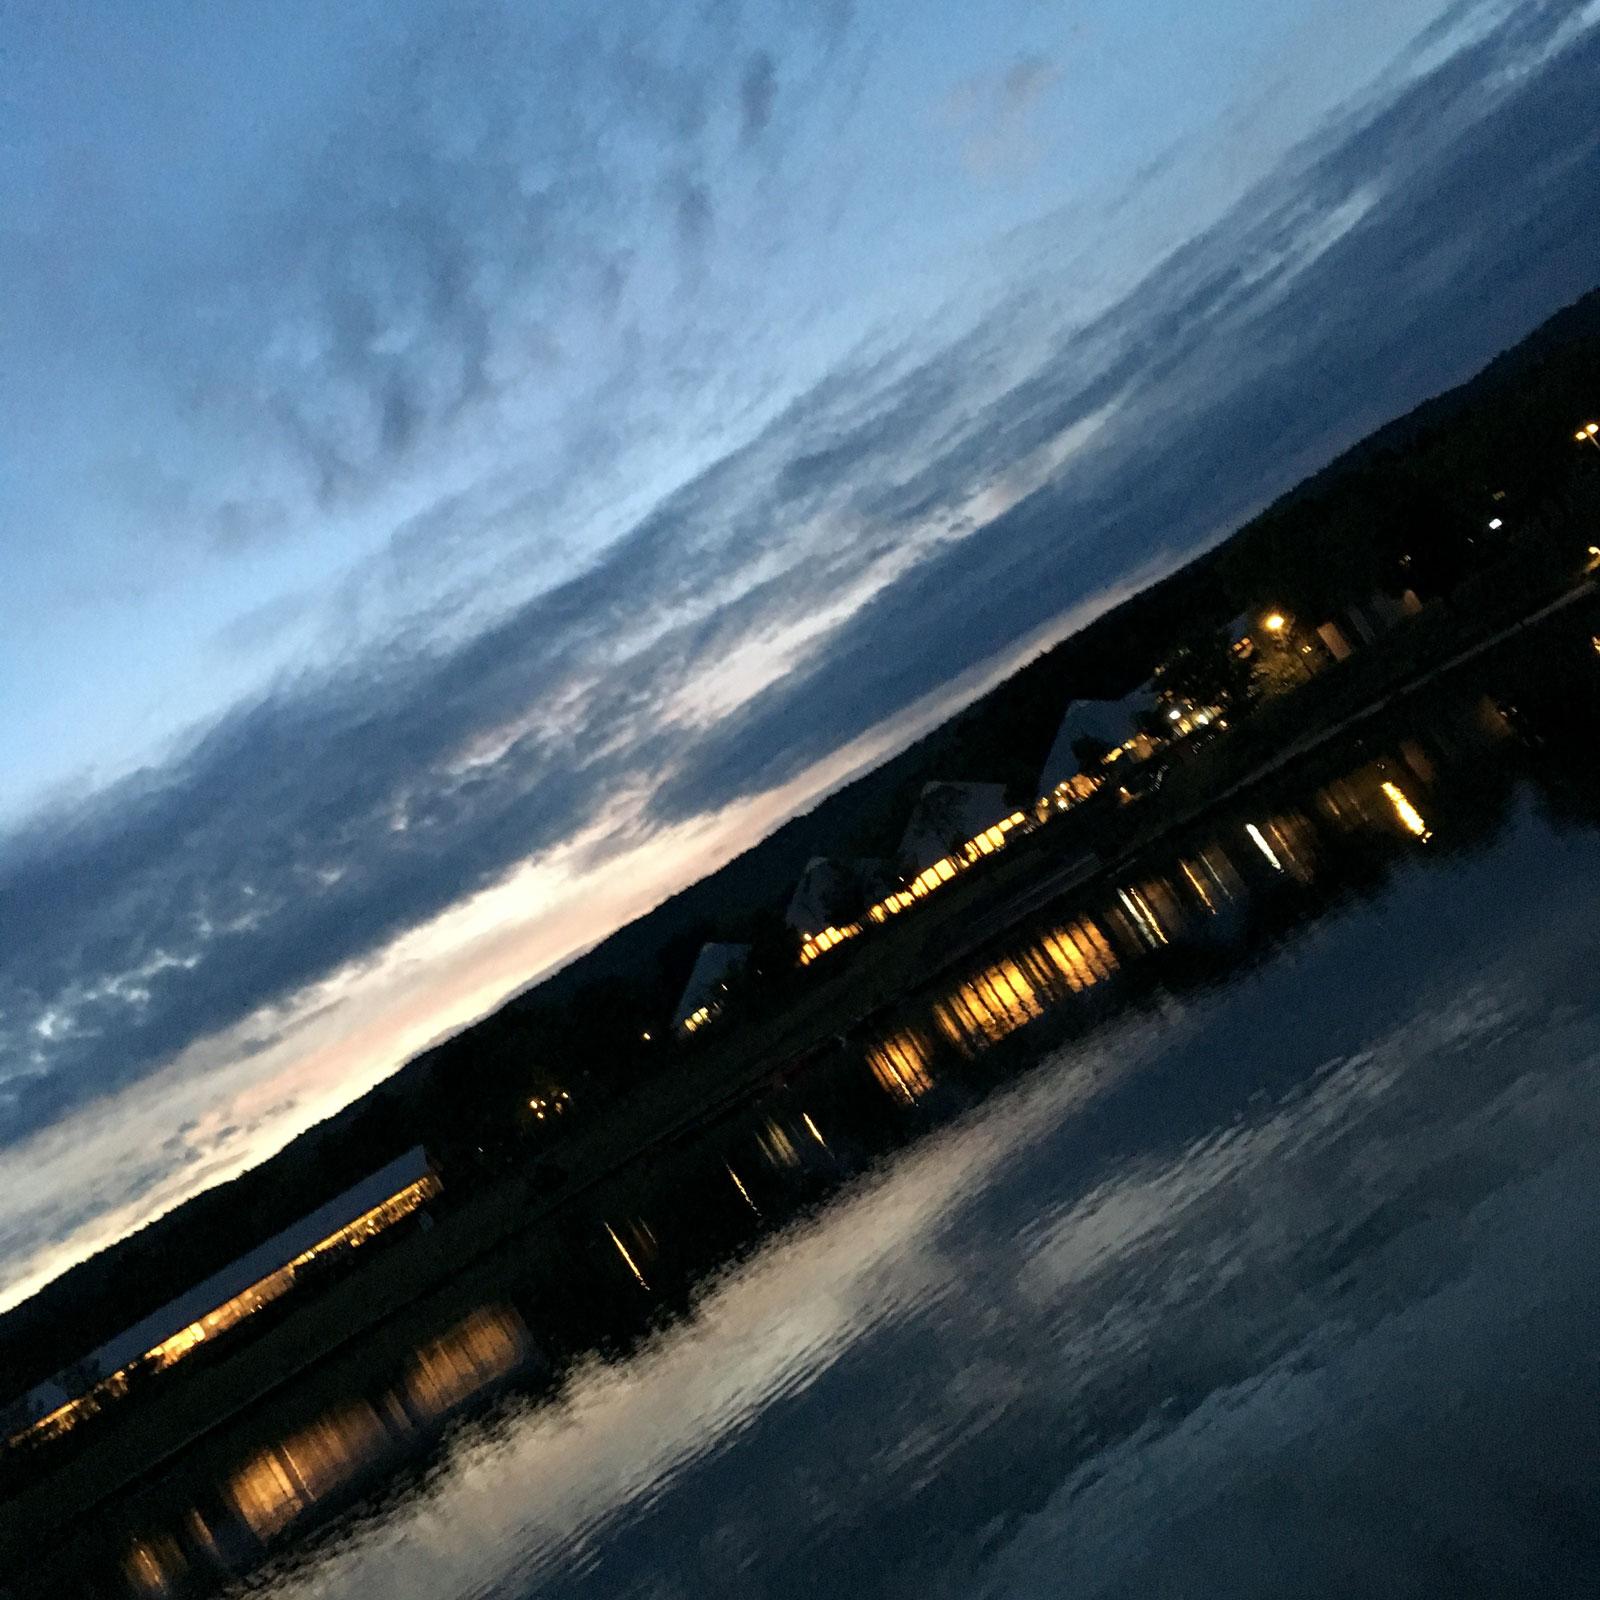 人工湖の夕暮れ